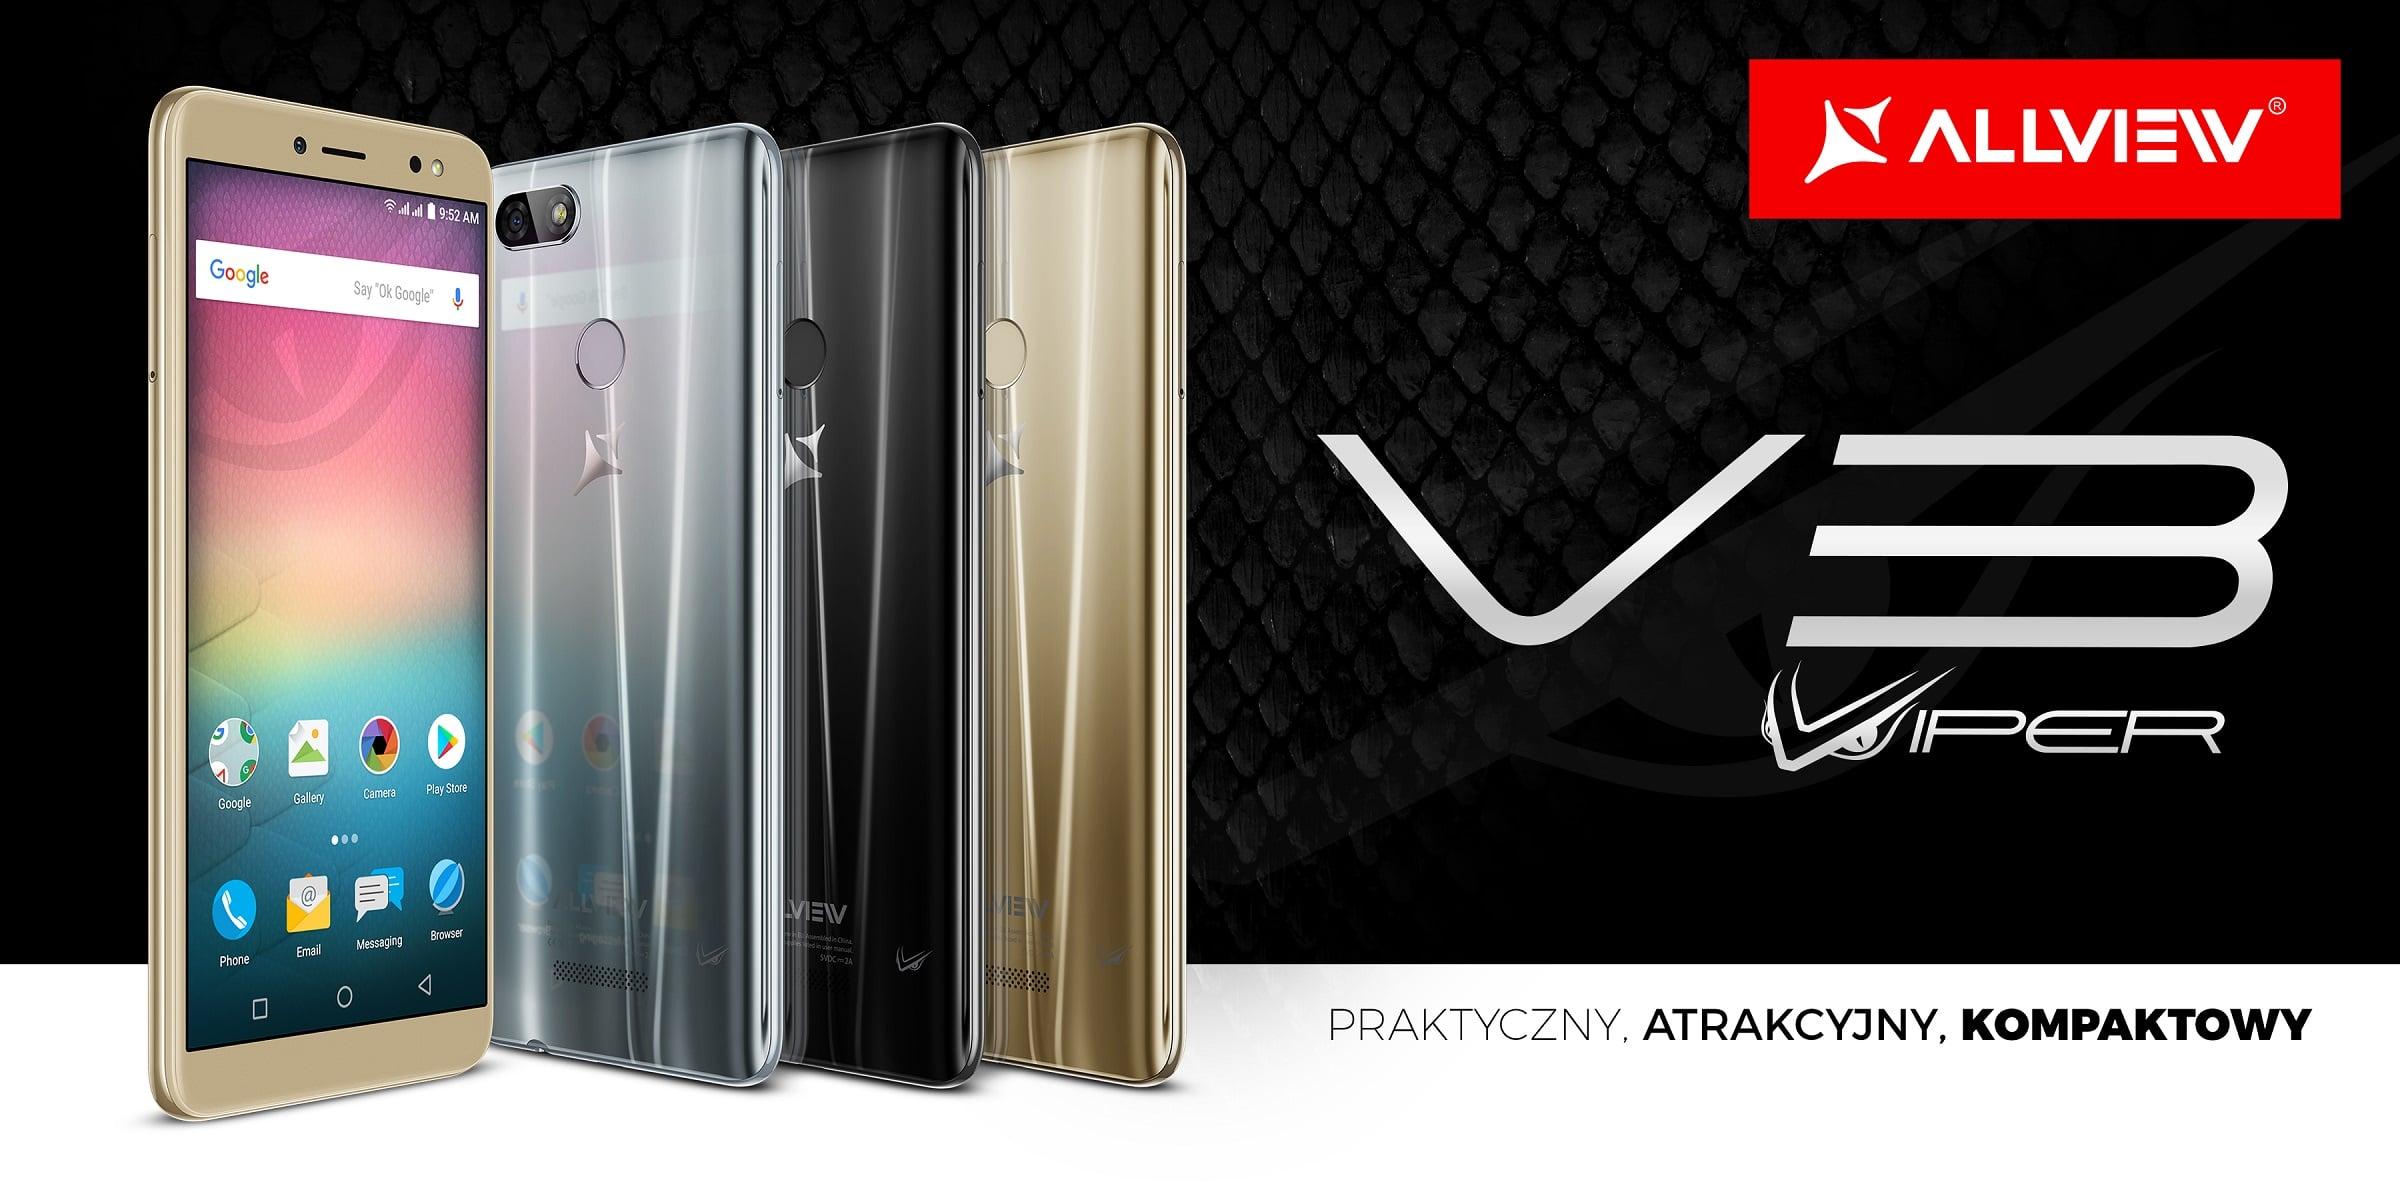 Allview prezentuje model Allview V3 Viper - niedrogi smartfon z ekranem 18:9 i Androidem 8.0 Oreo 28